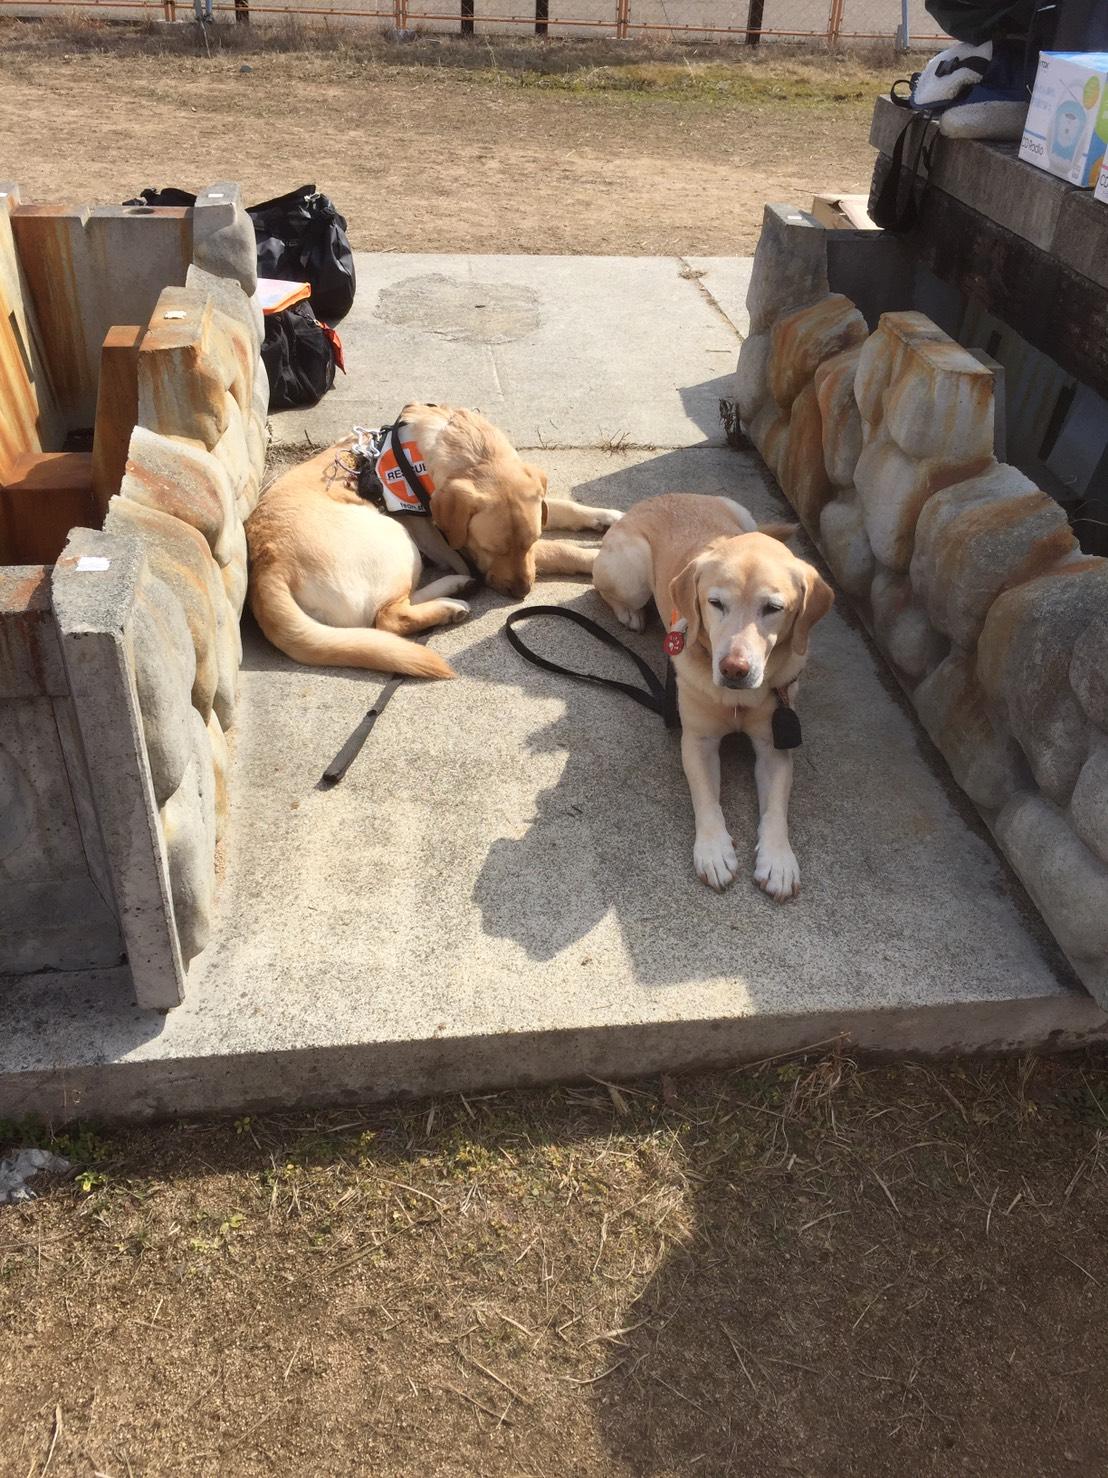 阪神救助犬協会 捜索災害救助犬育成・派遣・訓練活動